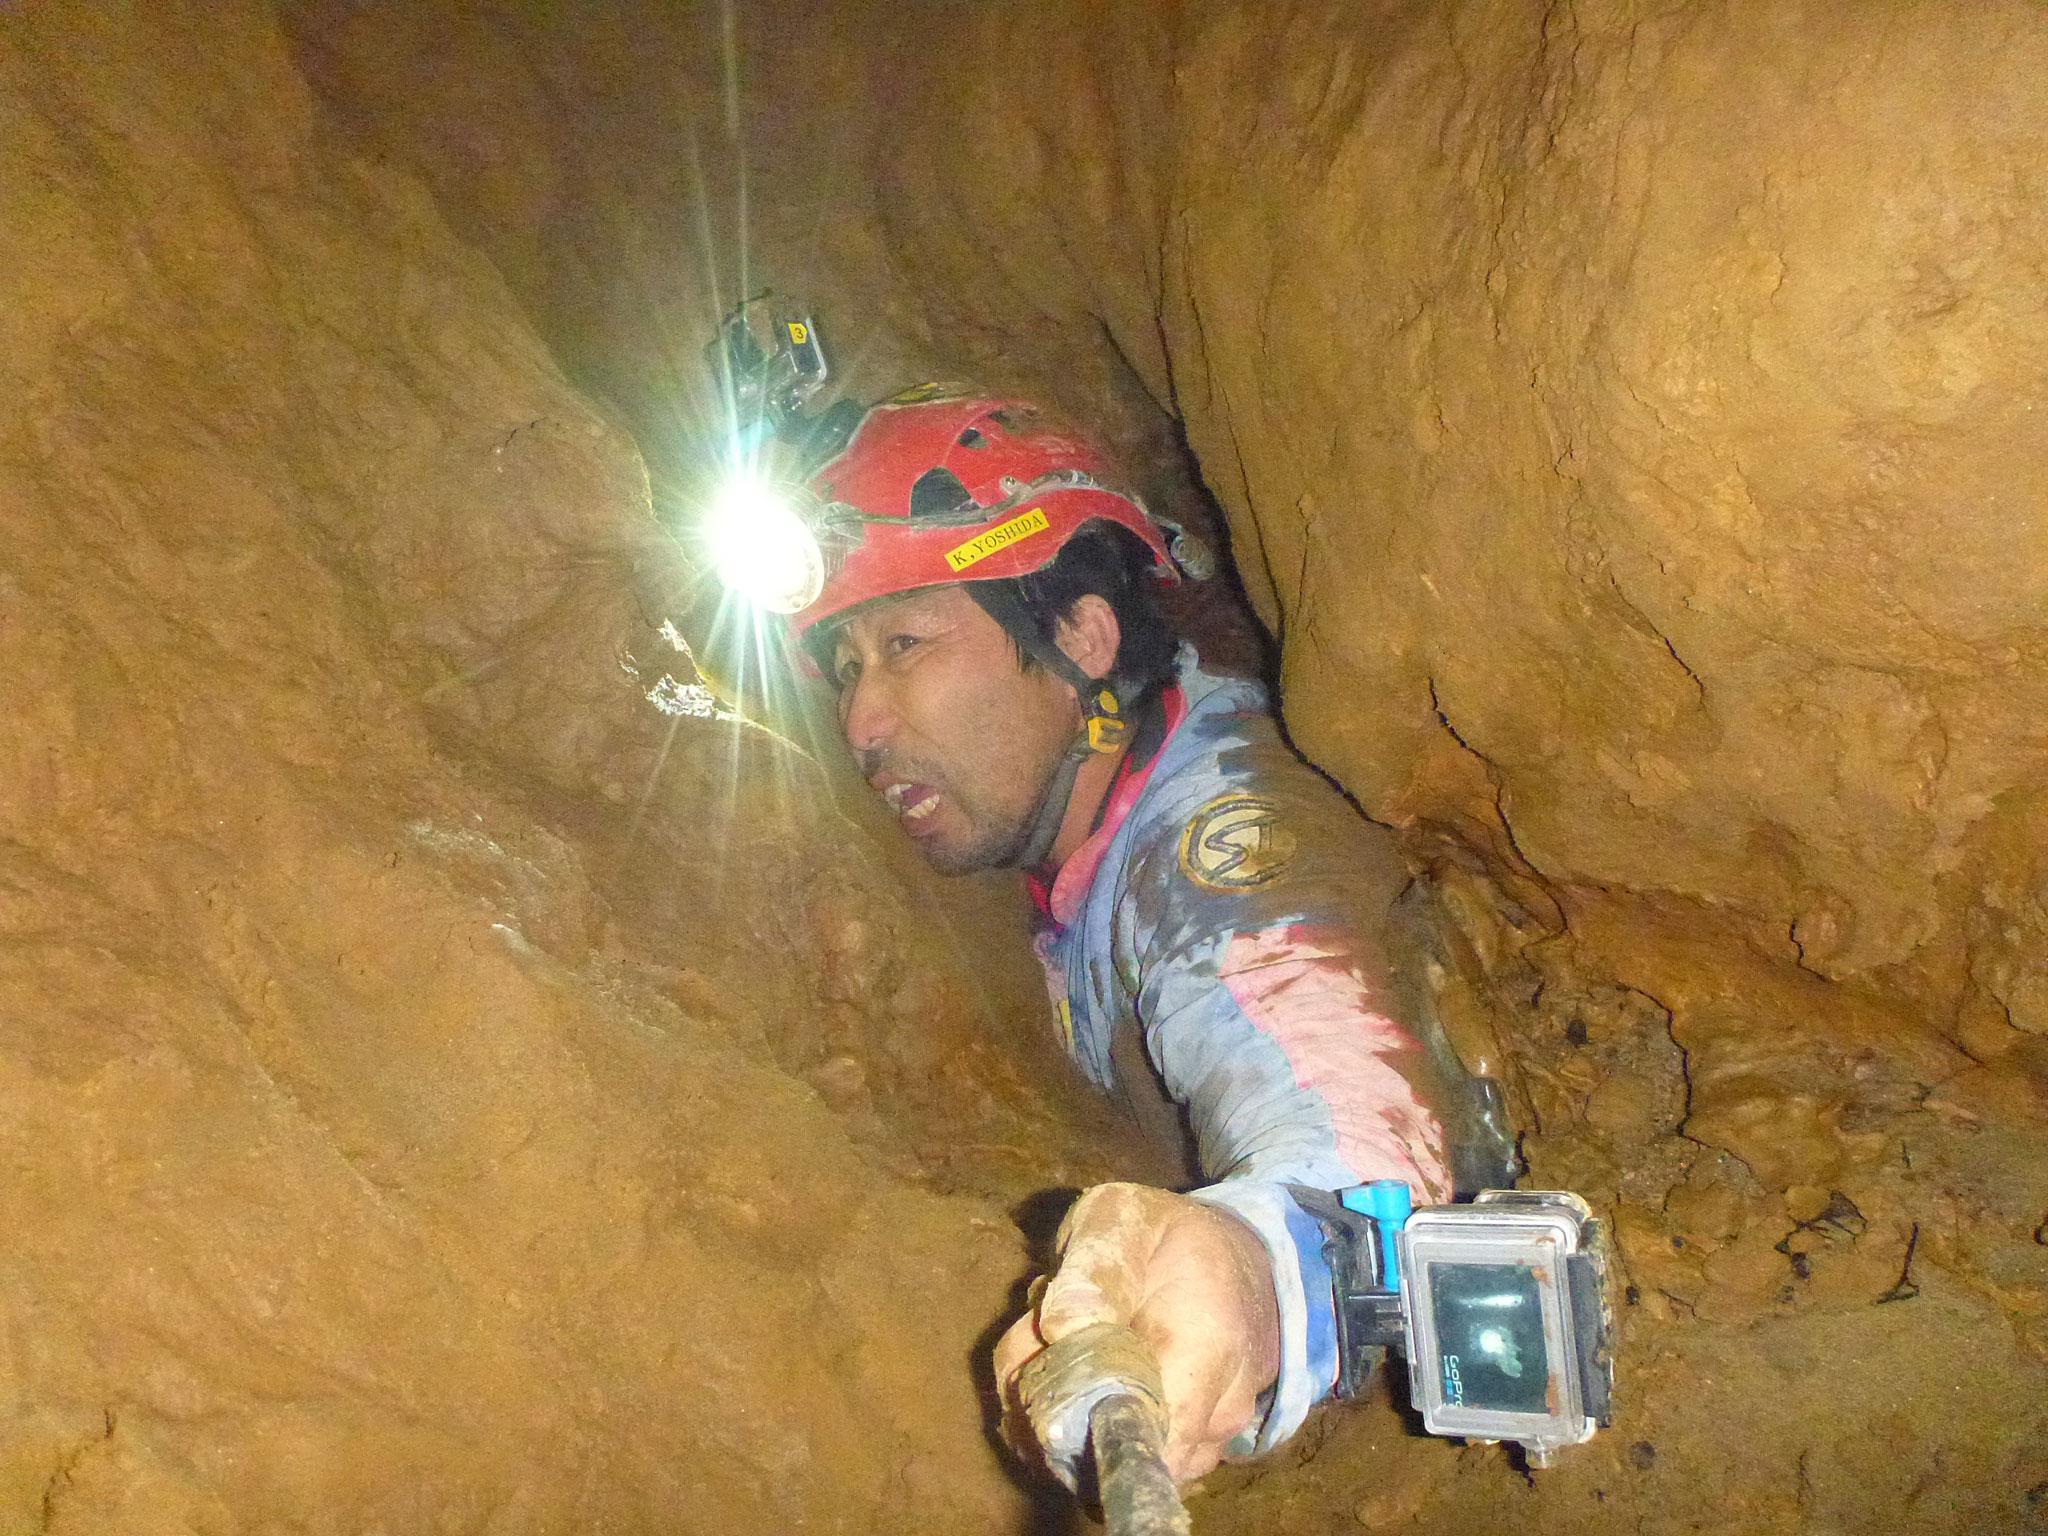 吉田勝次は破天荒な洞窟探検家。しかしそれには深い理由がある